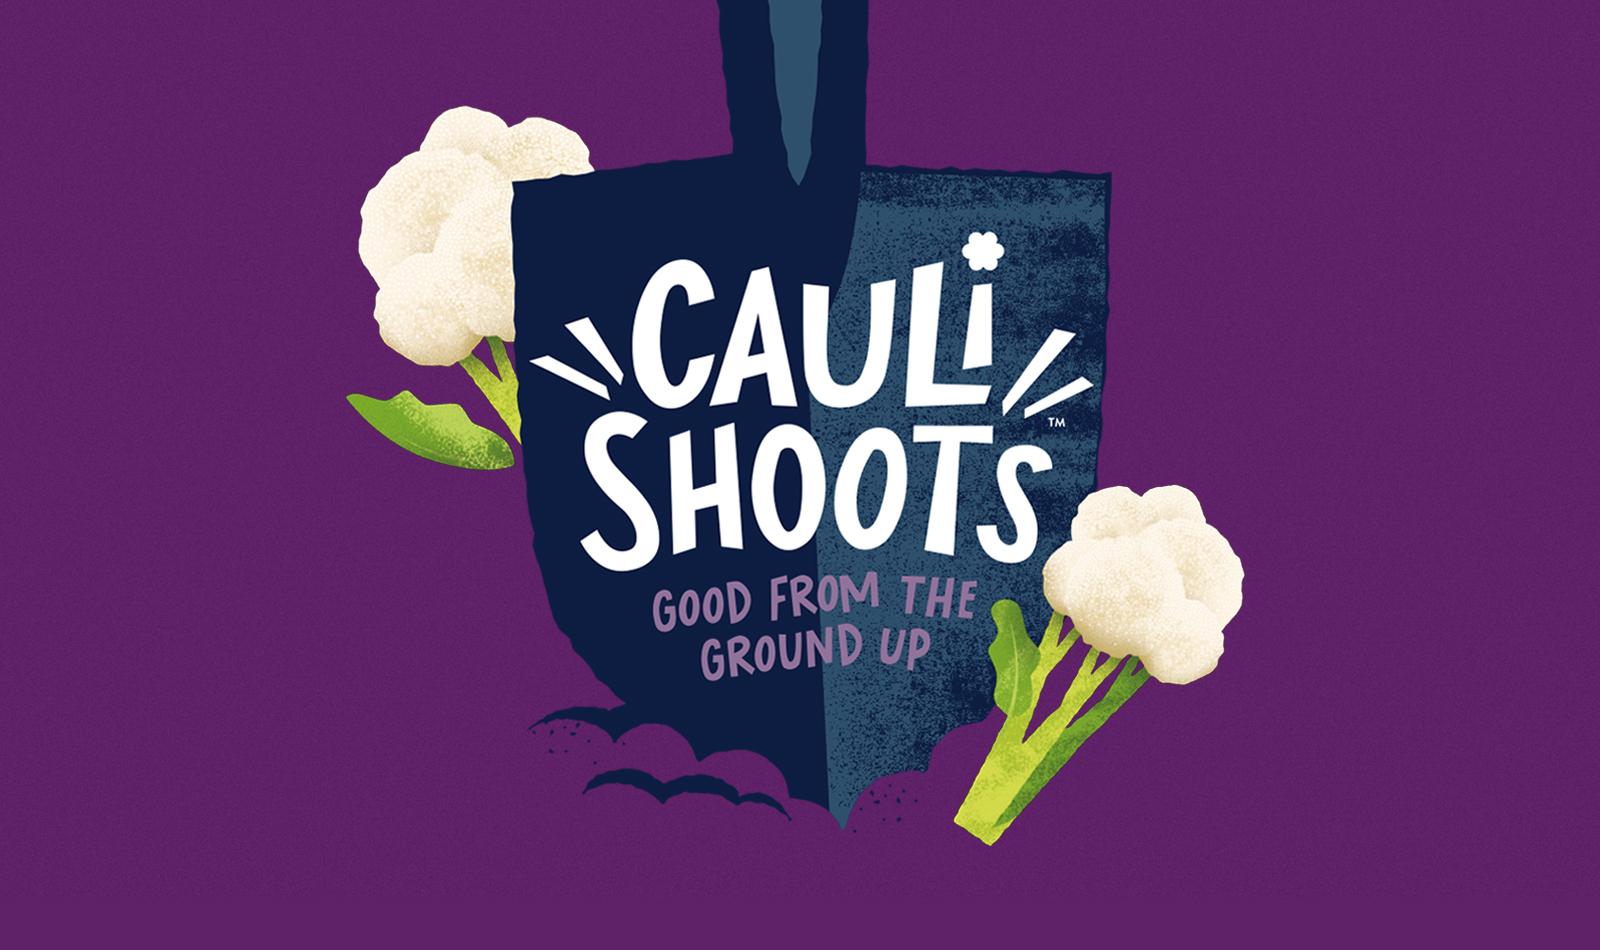 caulishoots logo on purple background